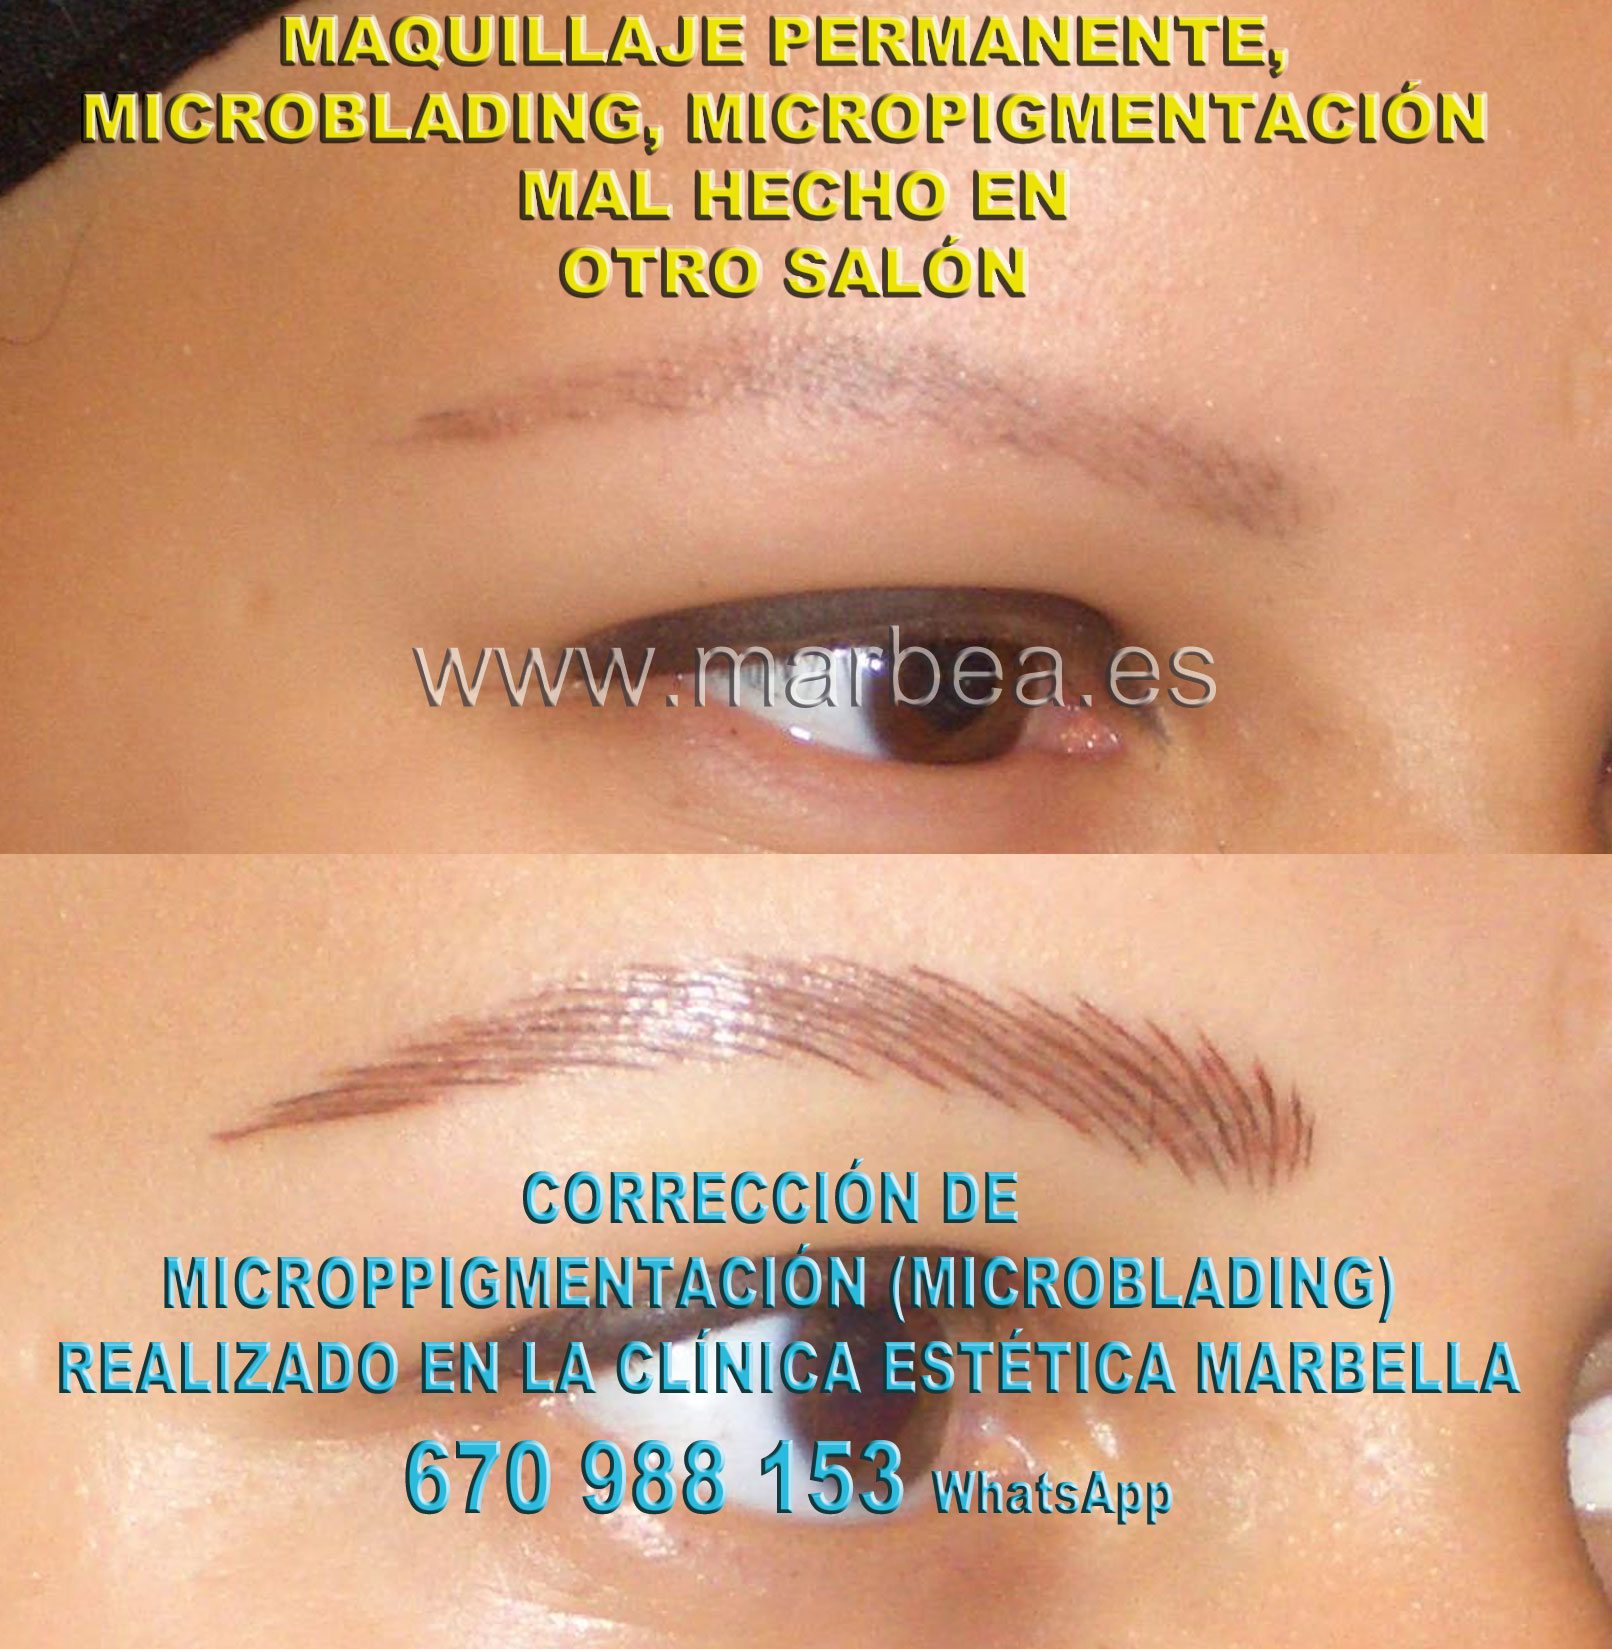 ELIMINAR TATUAJE CEJAS clínica estética tatuaje ofrece corrección de micropigmentación en cejas,micropigmentación correctiva cejas mal hecha